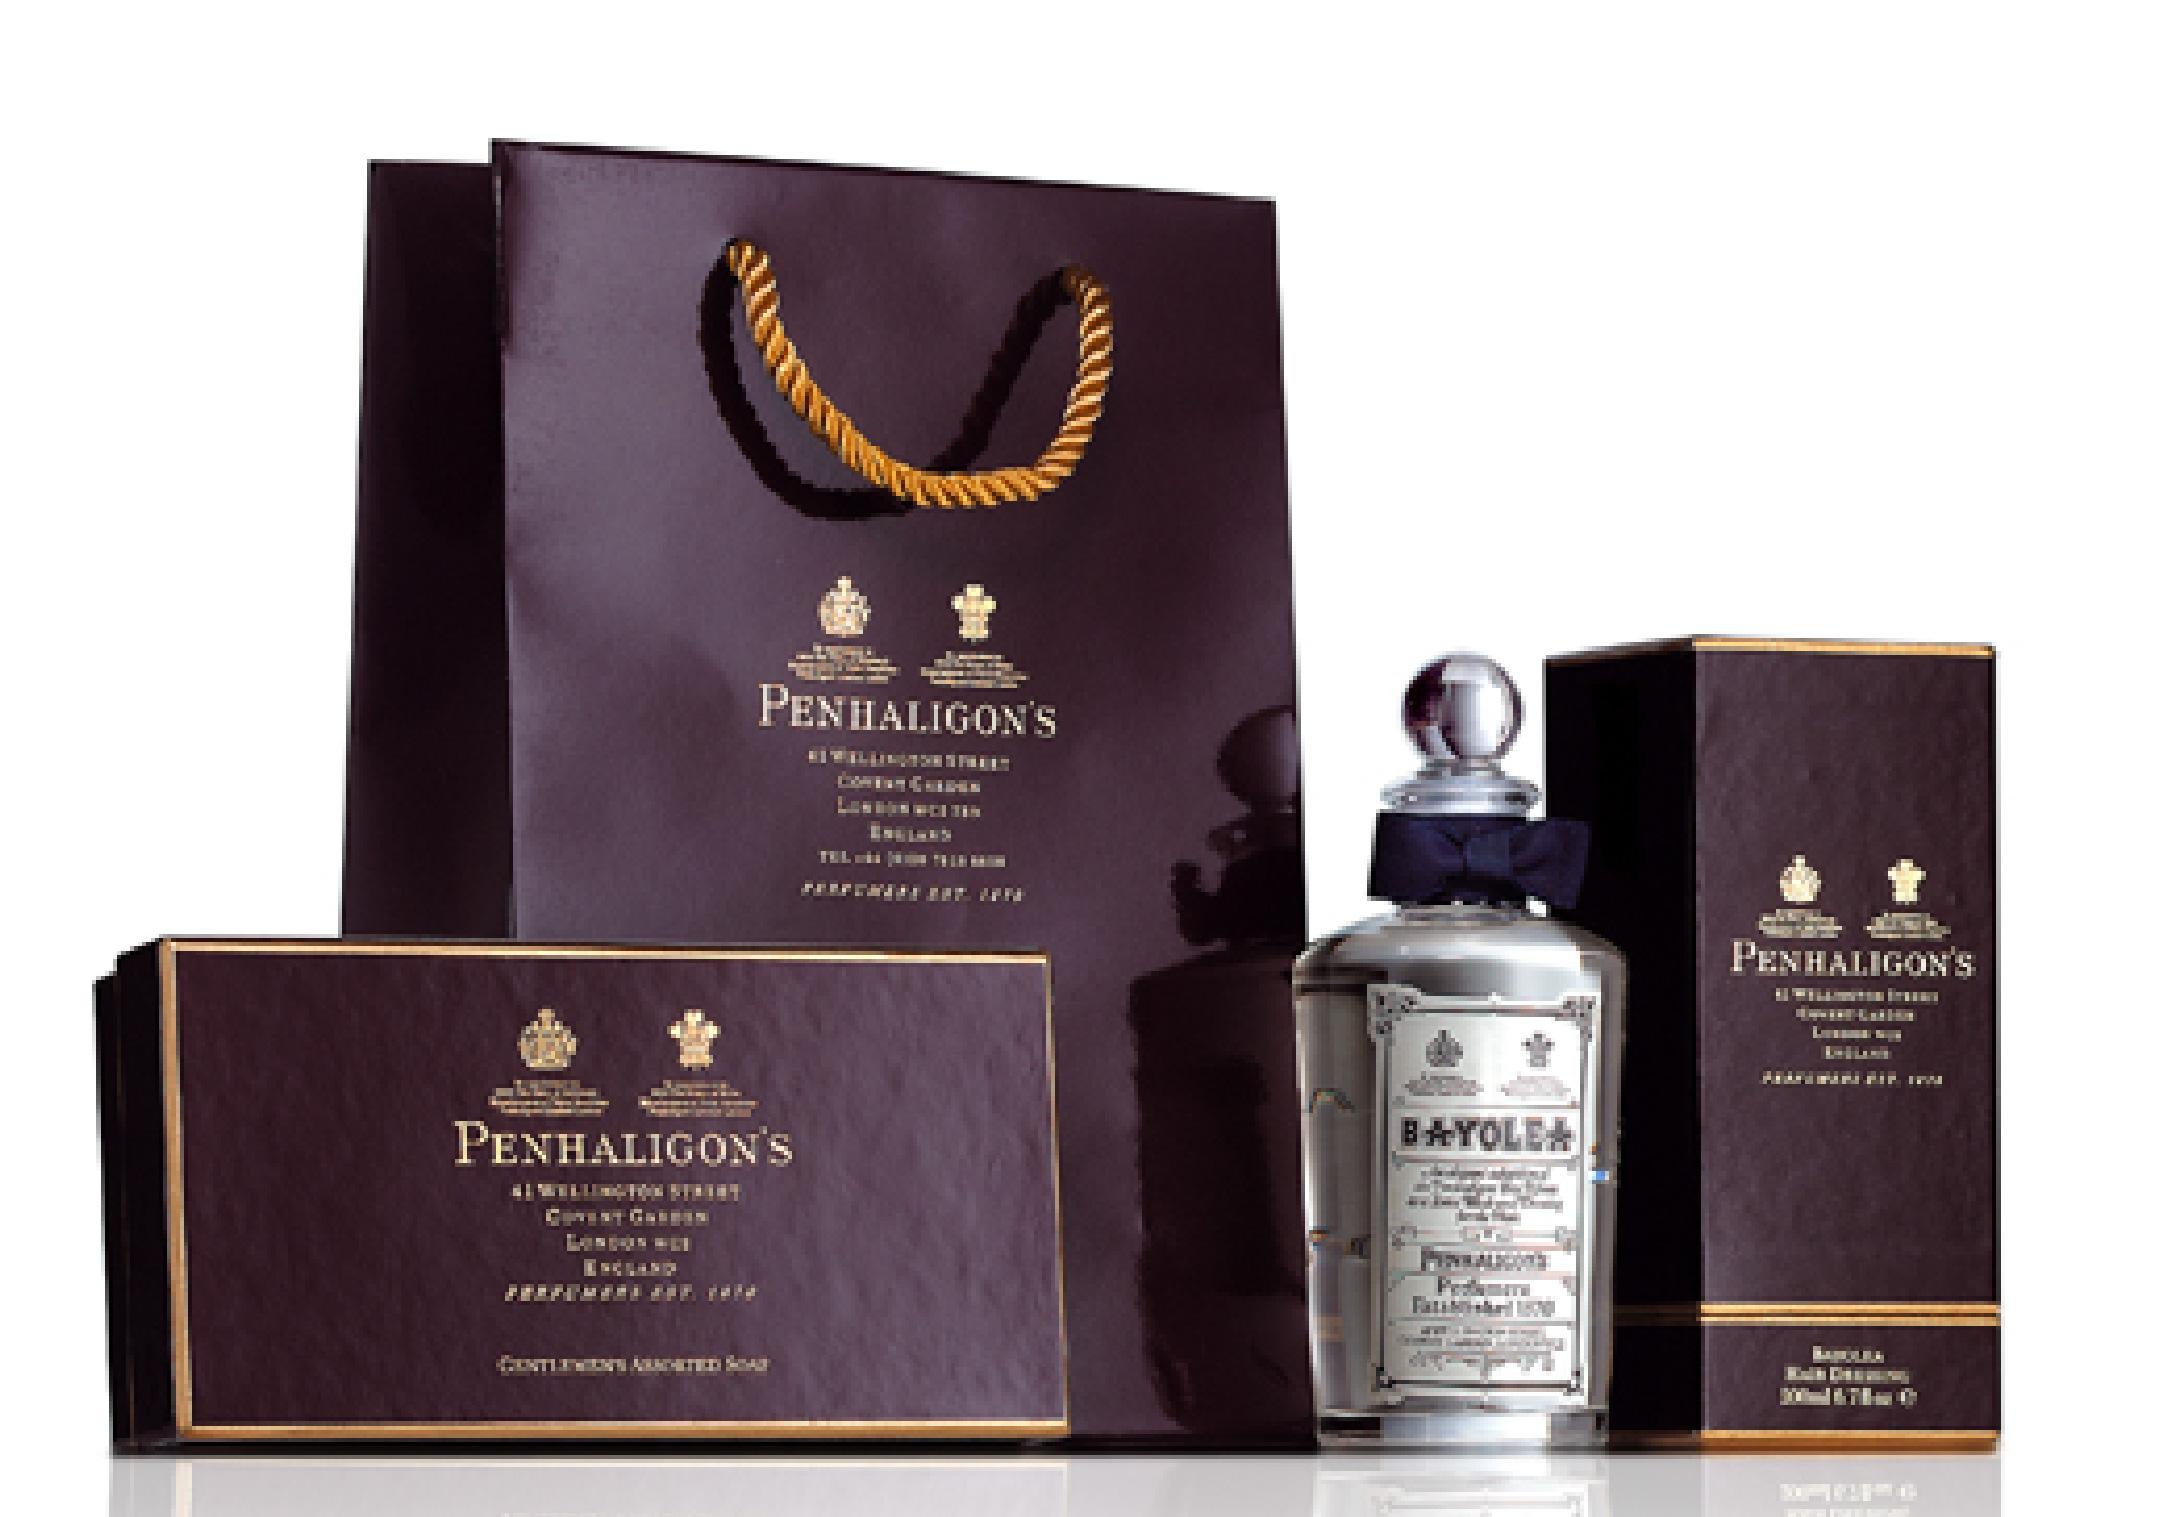 Penhaligons old packaging-01